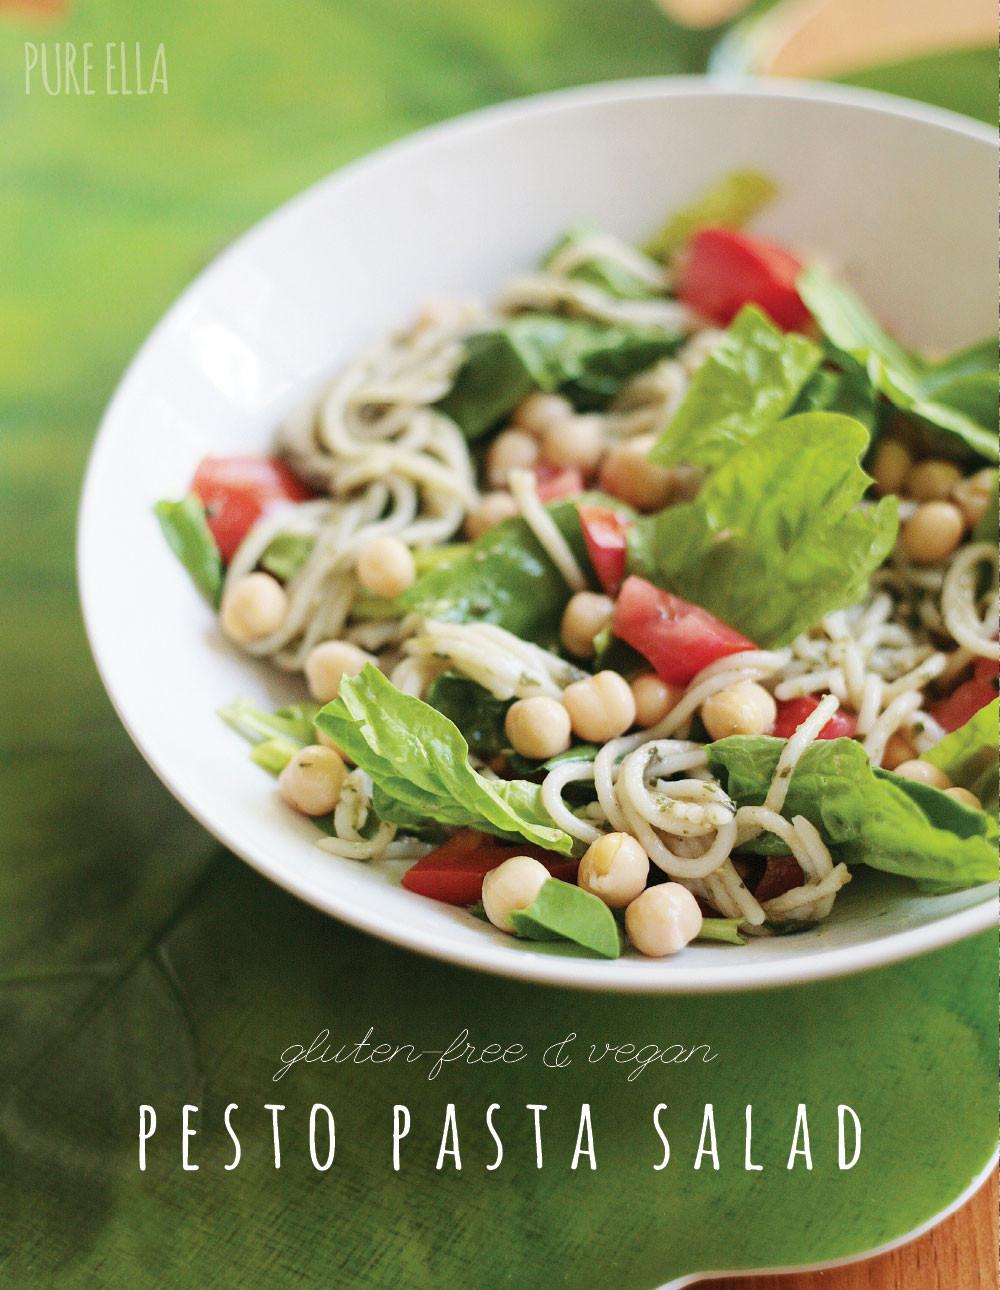 Healthy Pesto Pasta Salad Recipe  Spring Pasta Salad with Easy Pesto Pure Ella